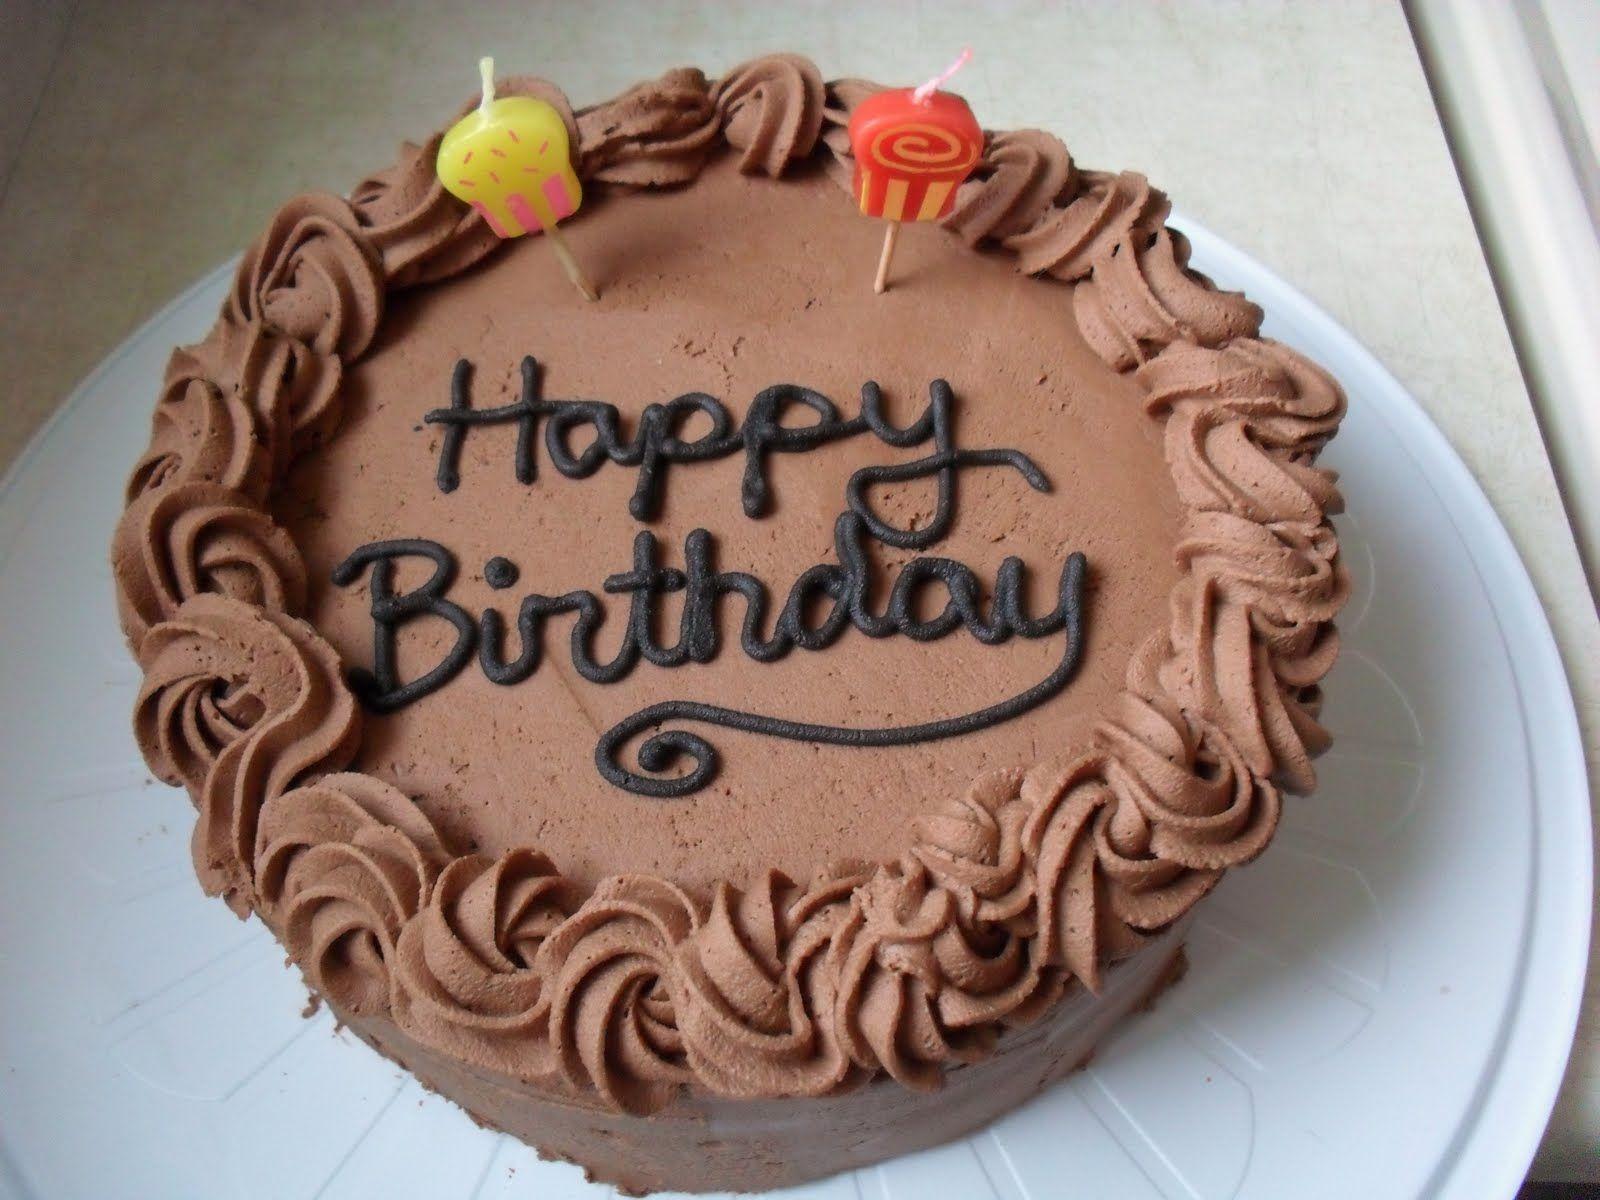 Birthday Cards Dubai ~ Hojoburdubai cake shop birthday cakes in dubai